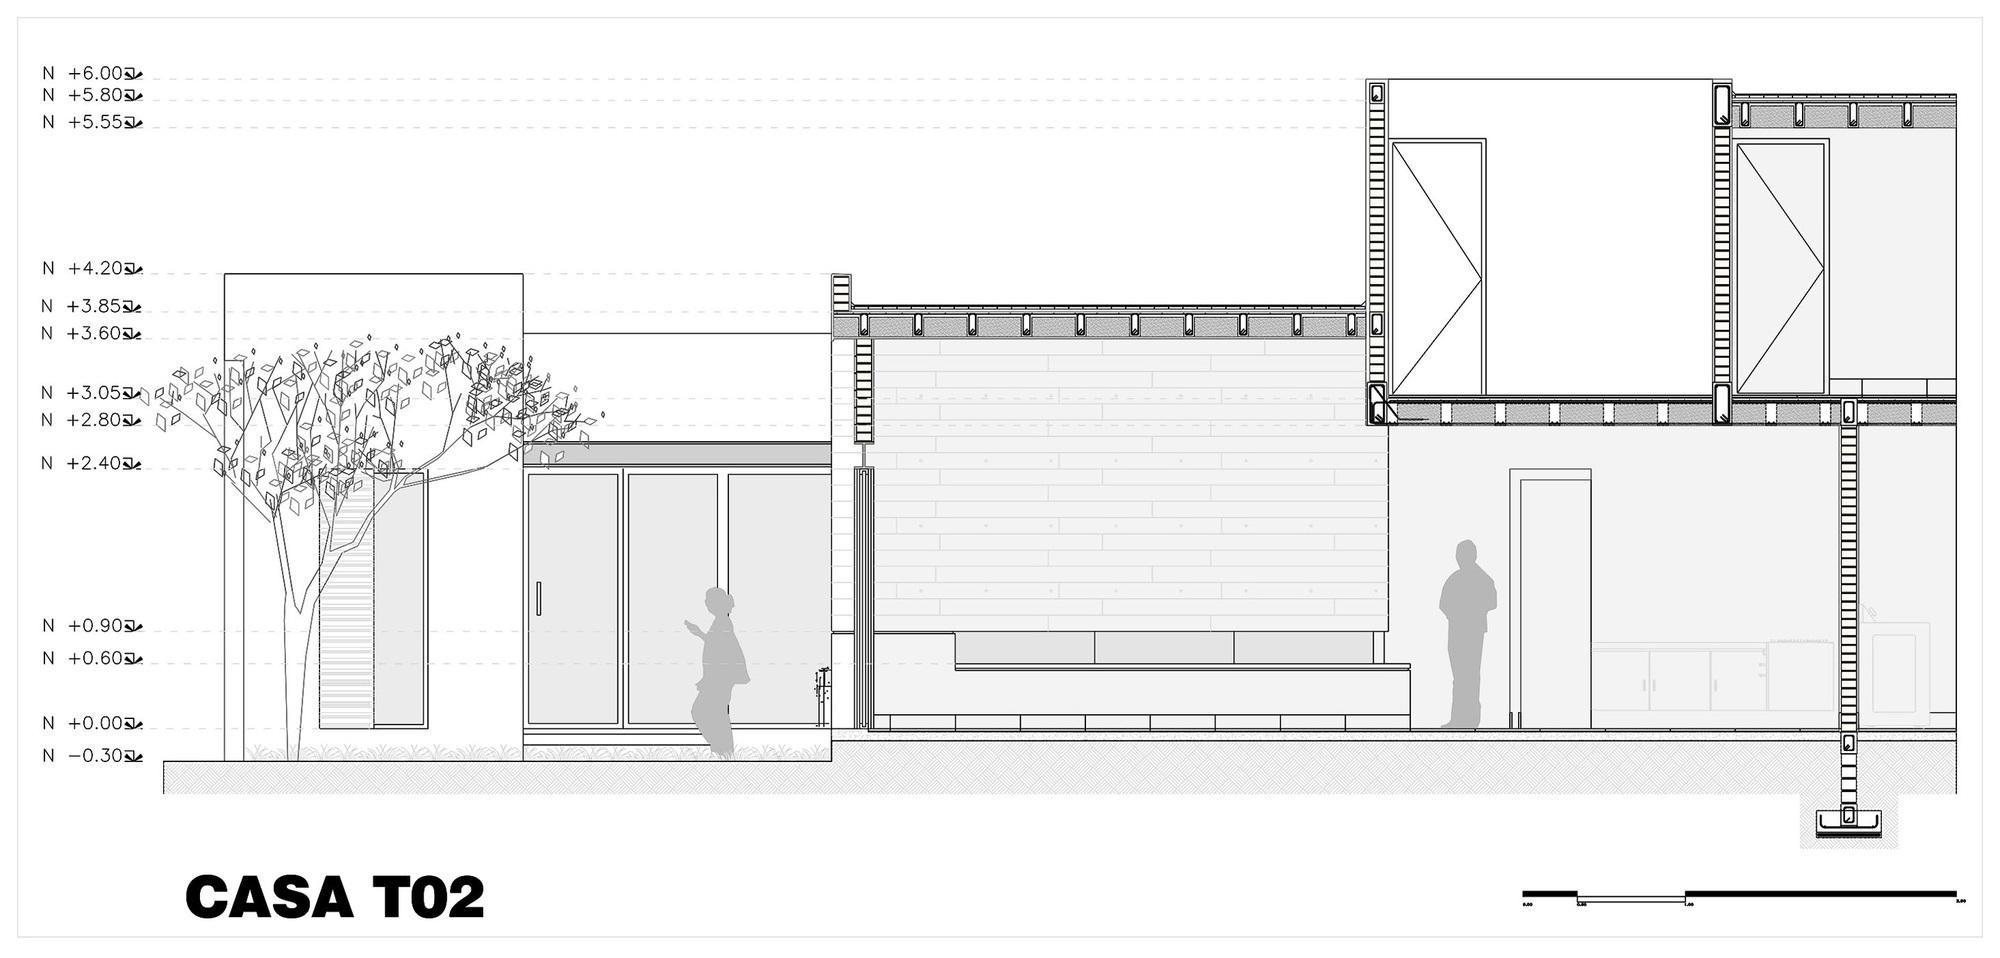 Galeria de t02 adi arquitectura y dise o interior 41 for Arquitectura y diseno interior